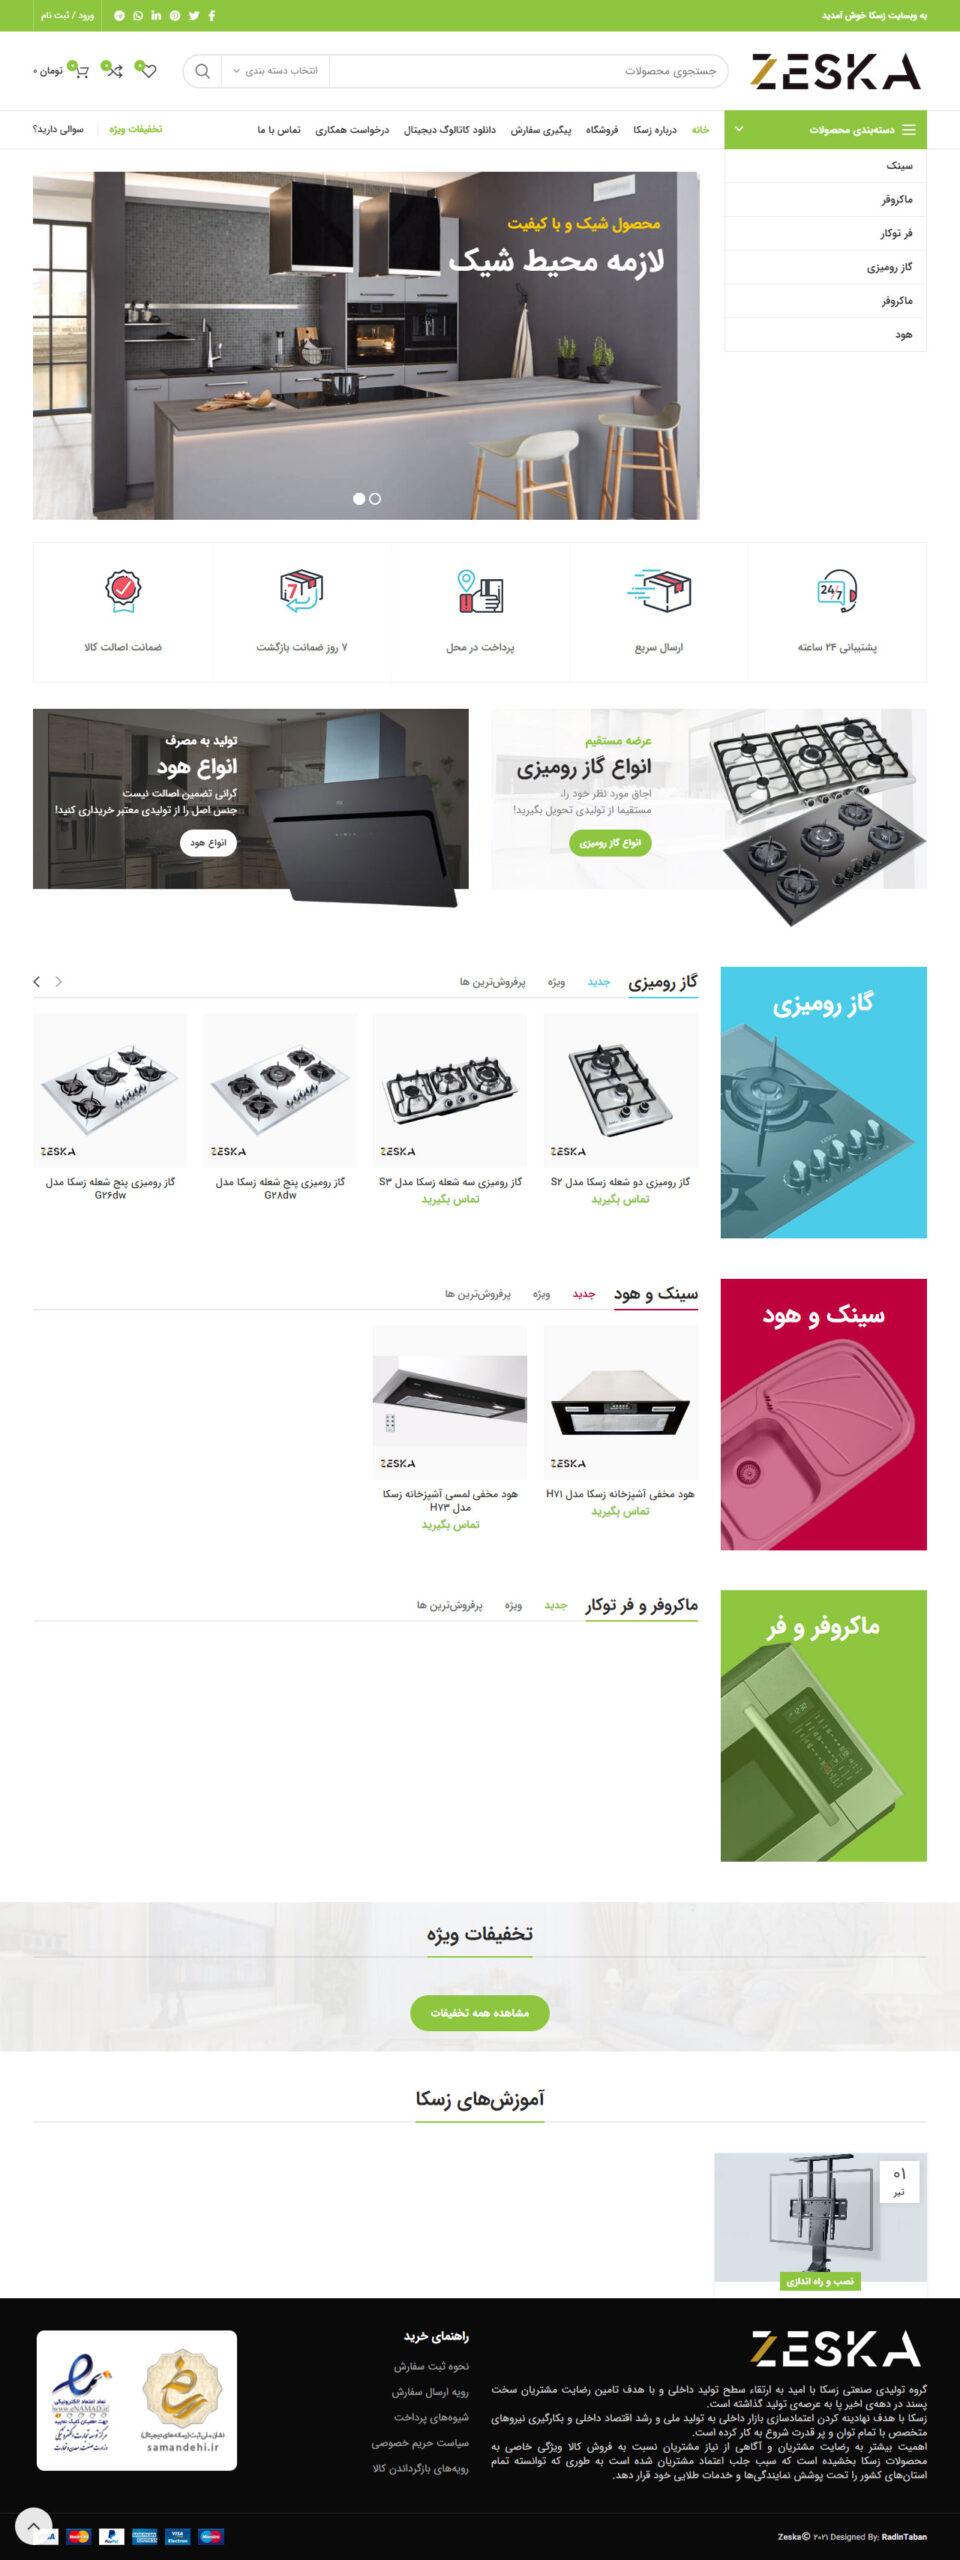 وبسایت فروشگاه اینترنتی زسکا zeska